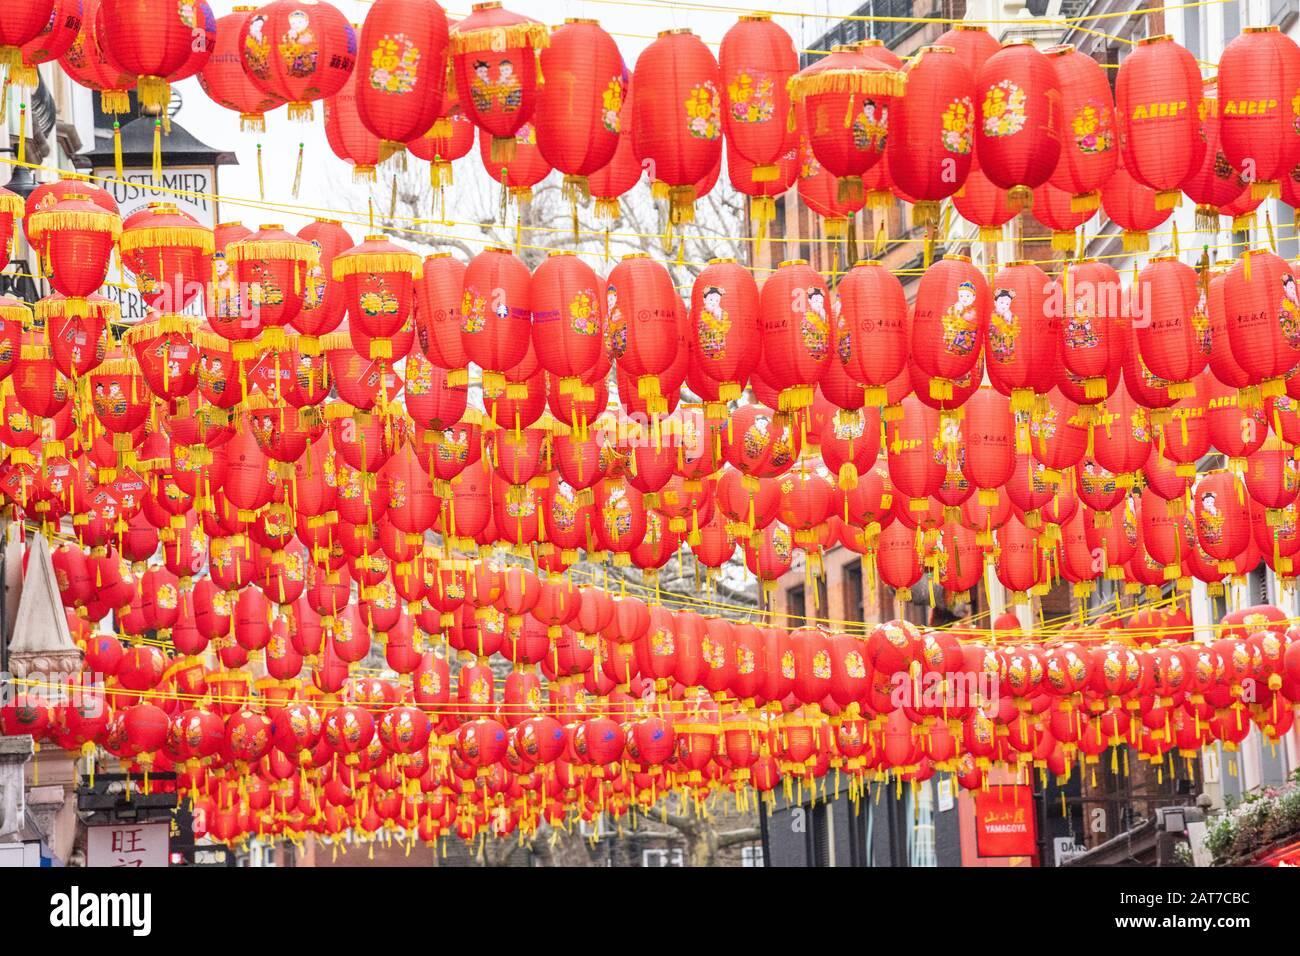 London January 26 2020 Chinese Paper Lanterns London Chinatown Chinese New Year Celebrations Stock Photo Alamy